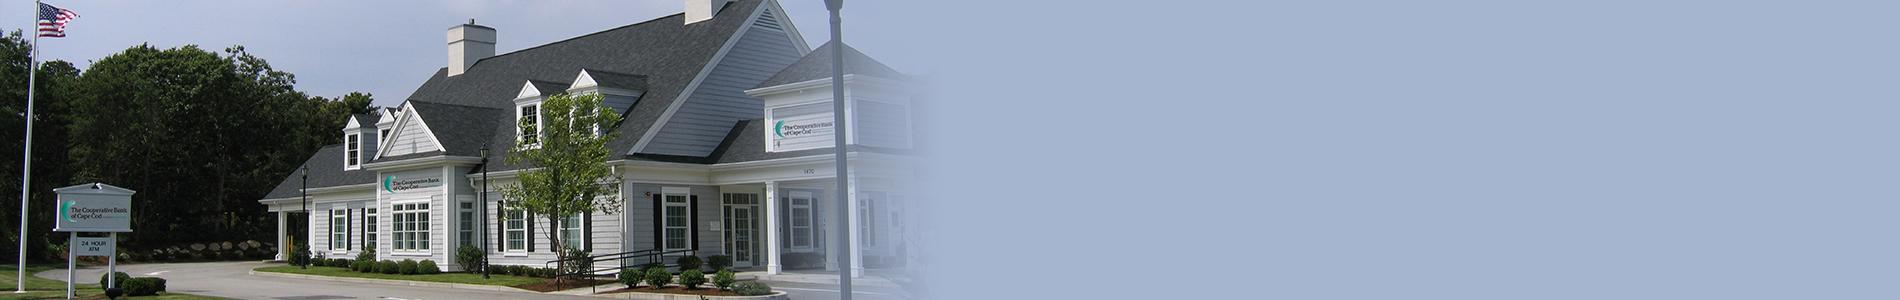 East Harwich Branch bank